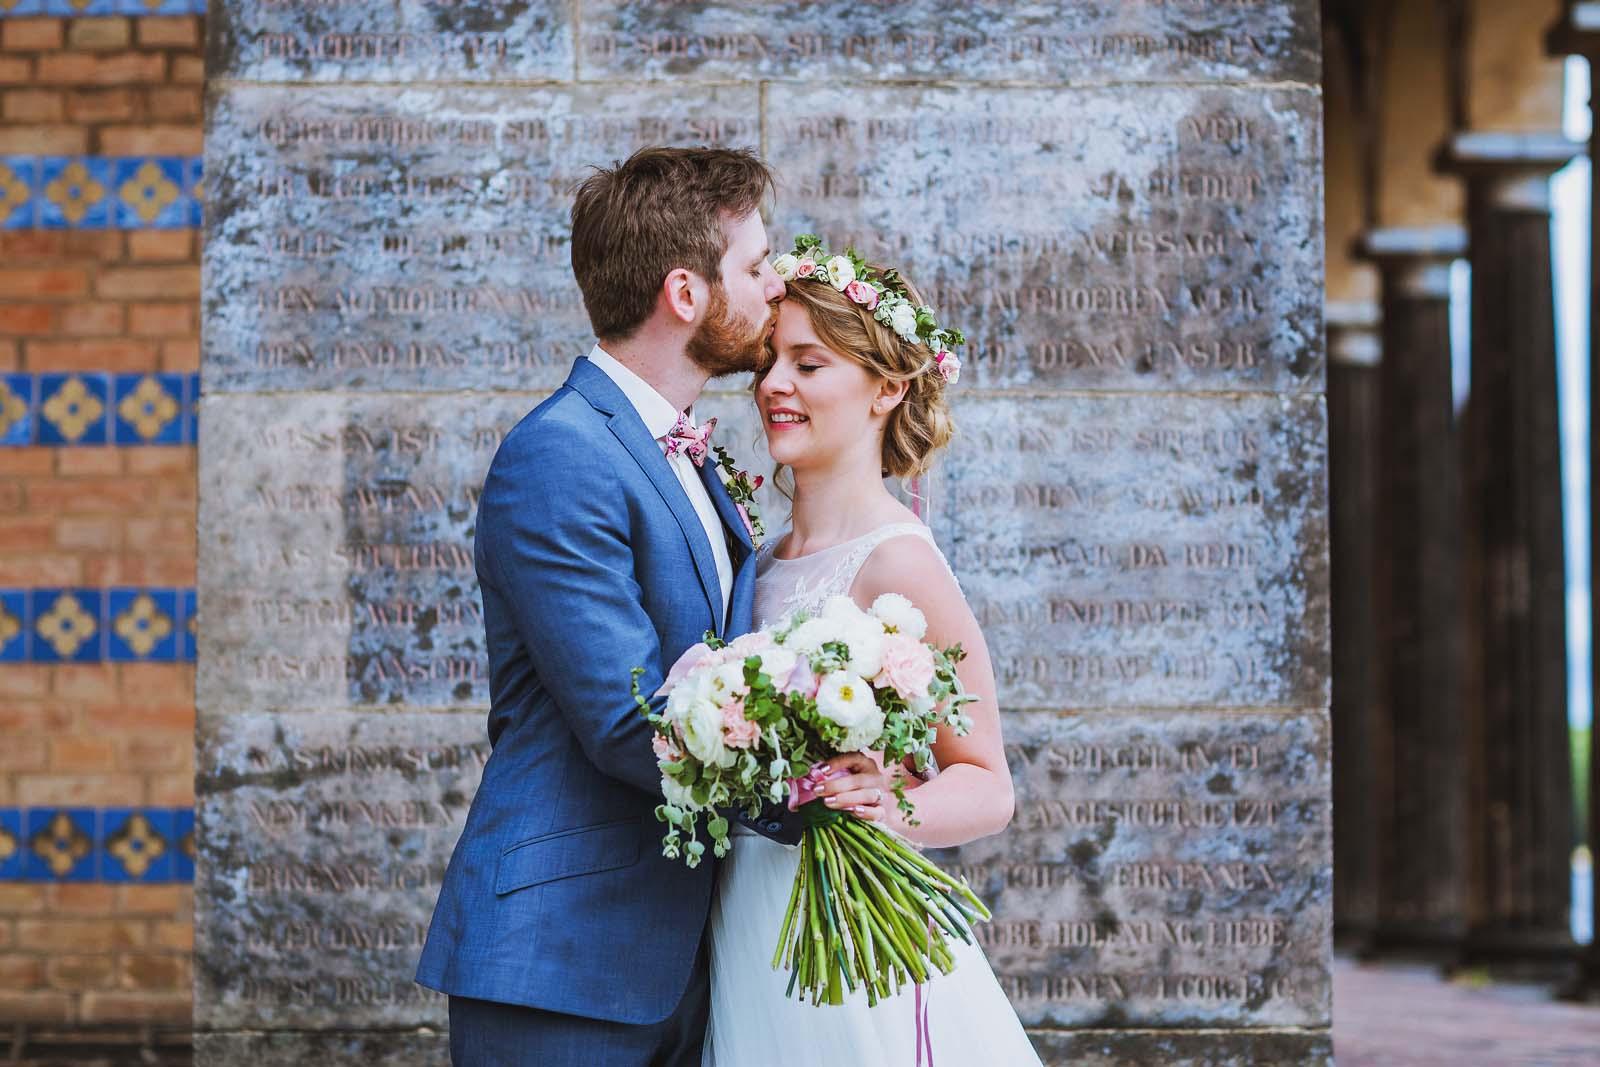 Hochzeitsfotograf Potsdam mit Brautpaar an der Heilandskirche Sacrow Copyright by Hochzeitsfotograf www.berliner-hochzeitsfotografie.de